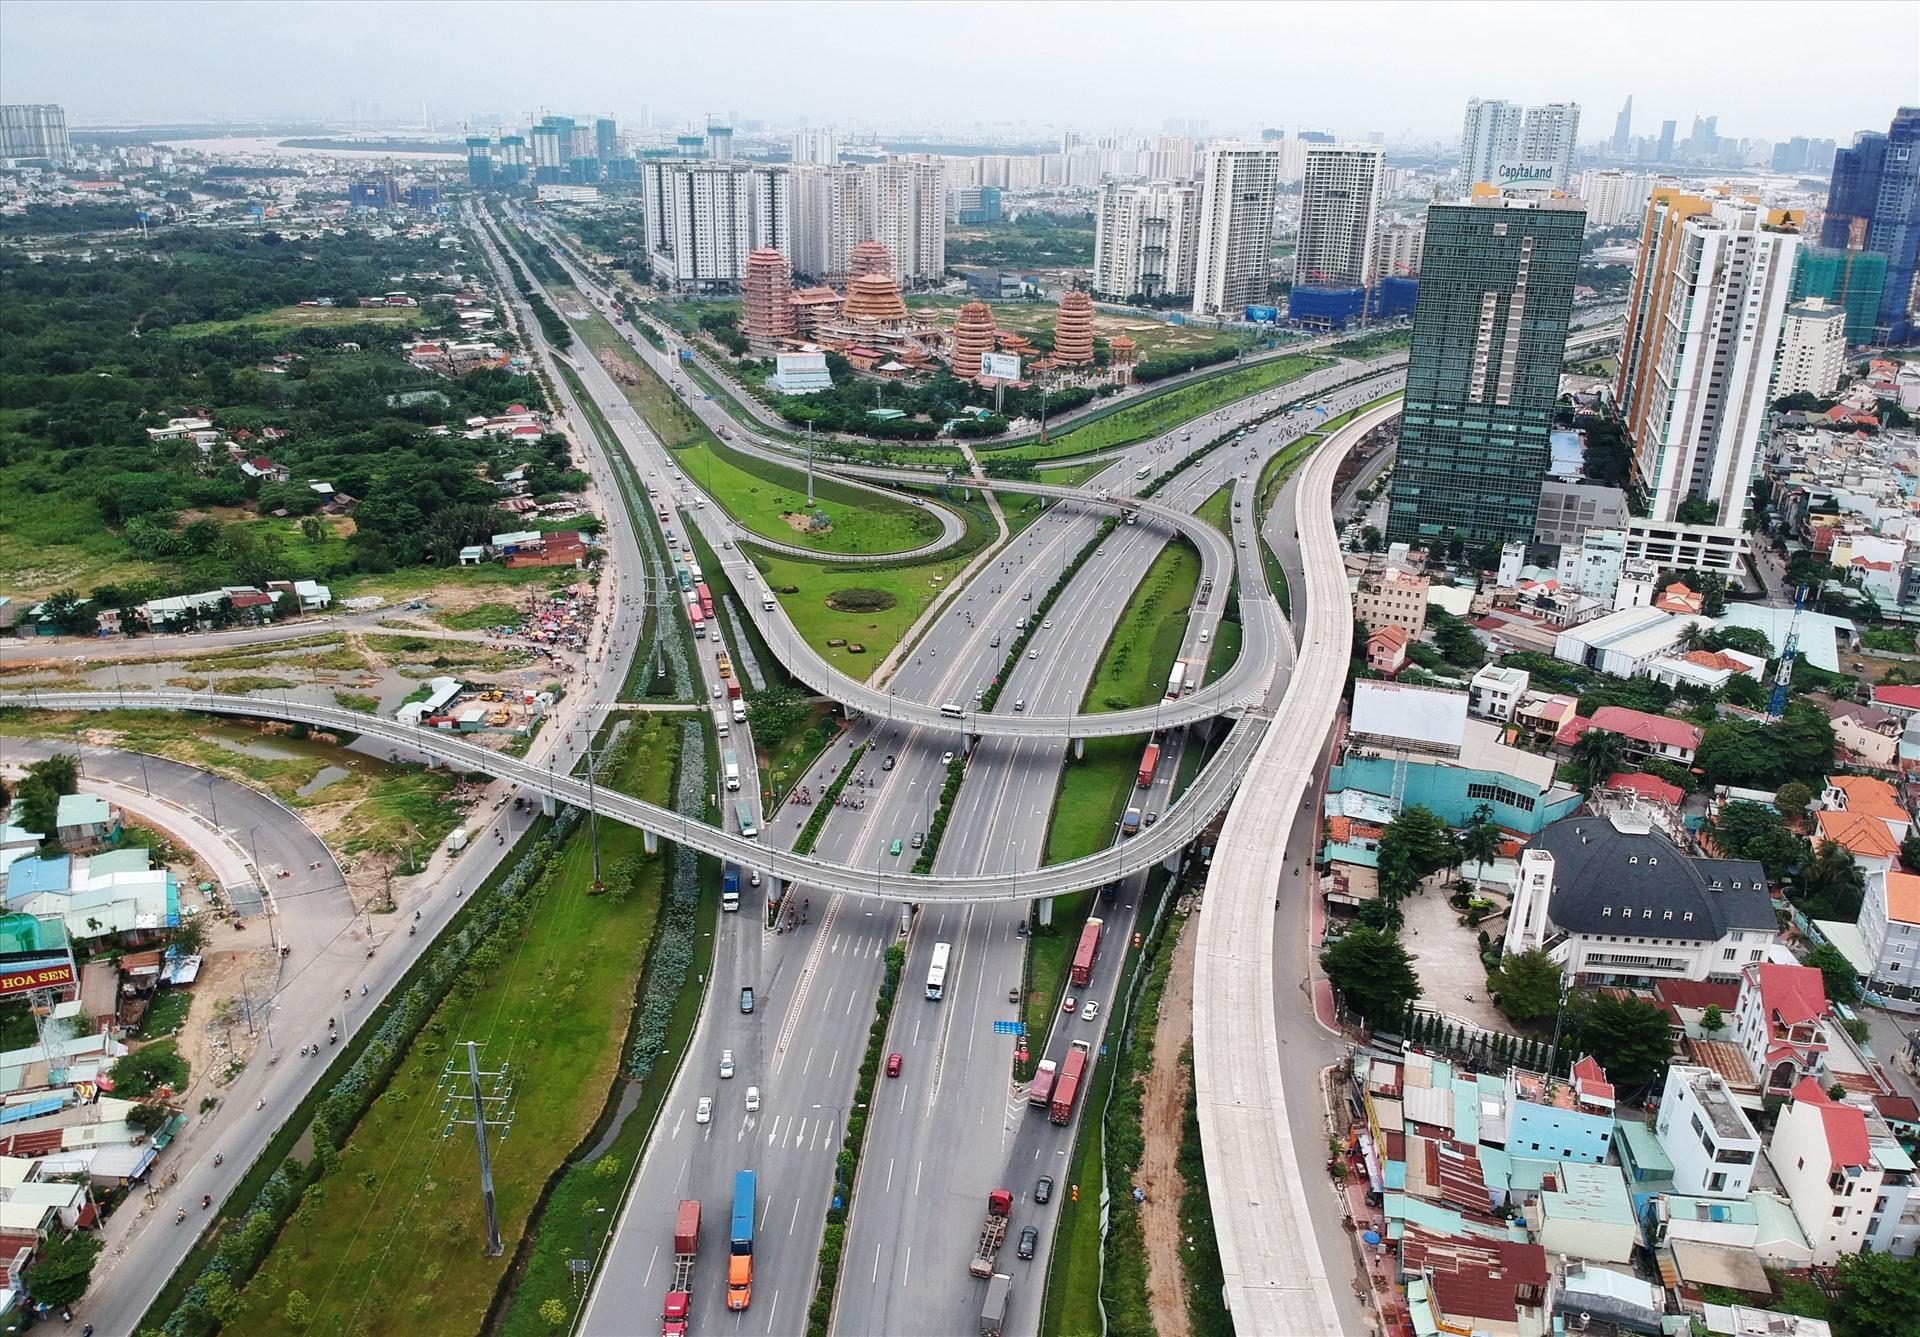 Đề án thành phố phía Đông tác động ra sao tới thị trường bất động sản?